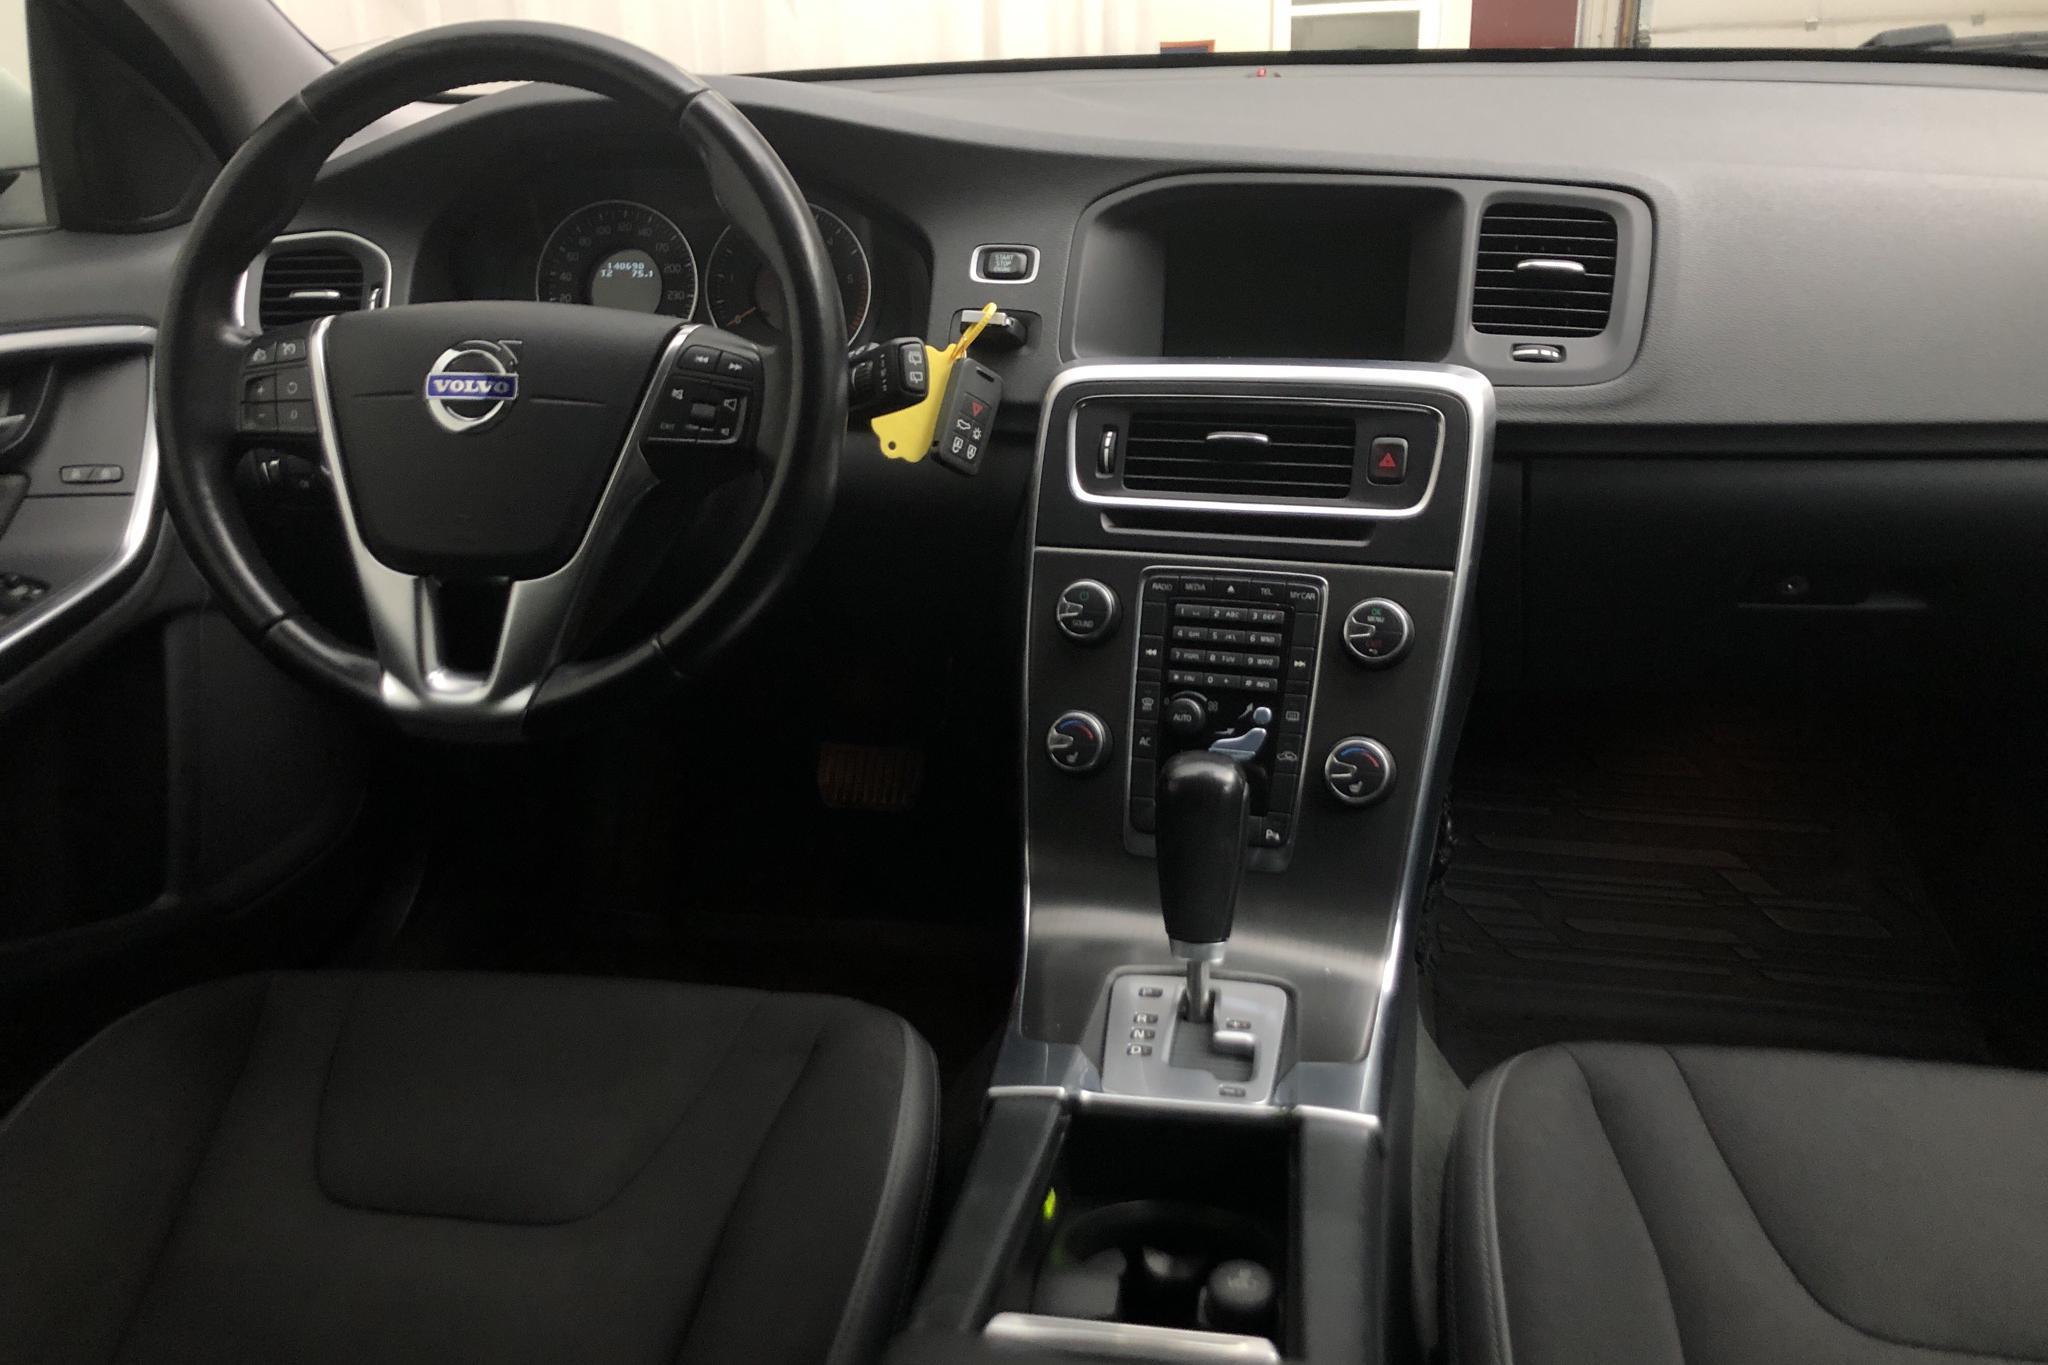 Volvo V60 D3 (163hk) - 140 690 km - Automatic - white - 2012